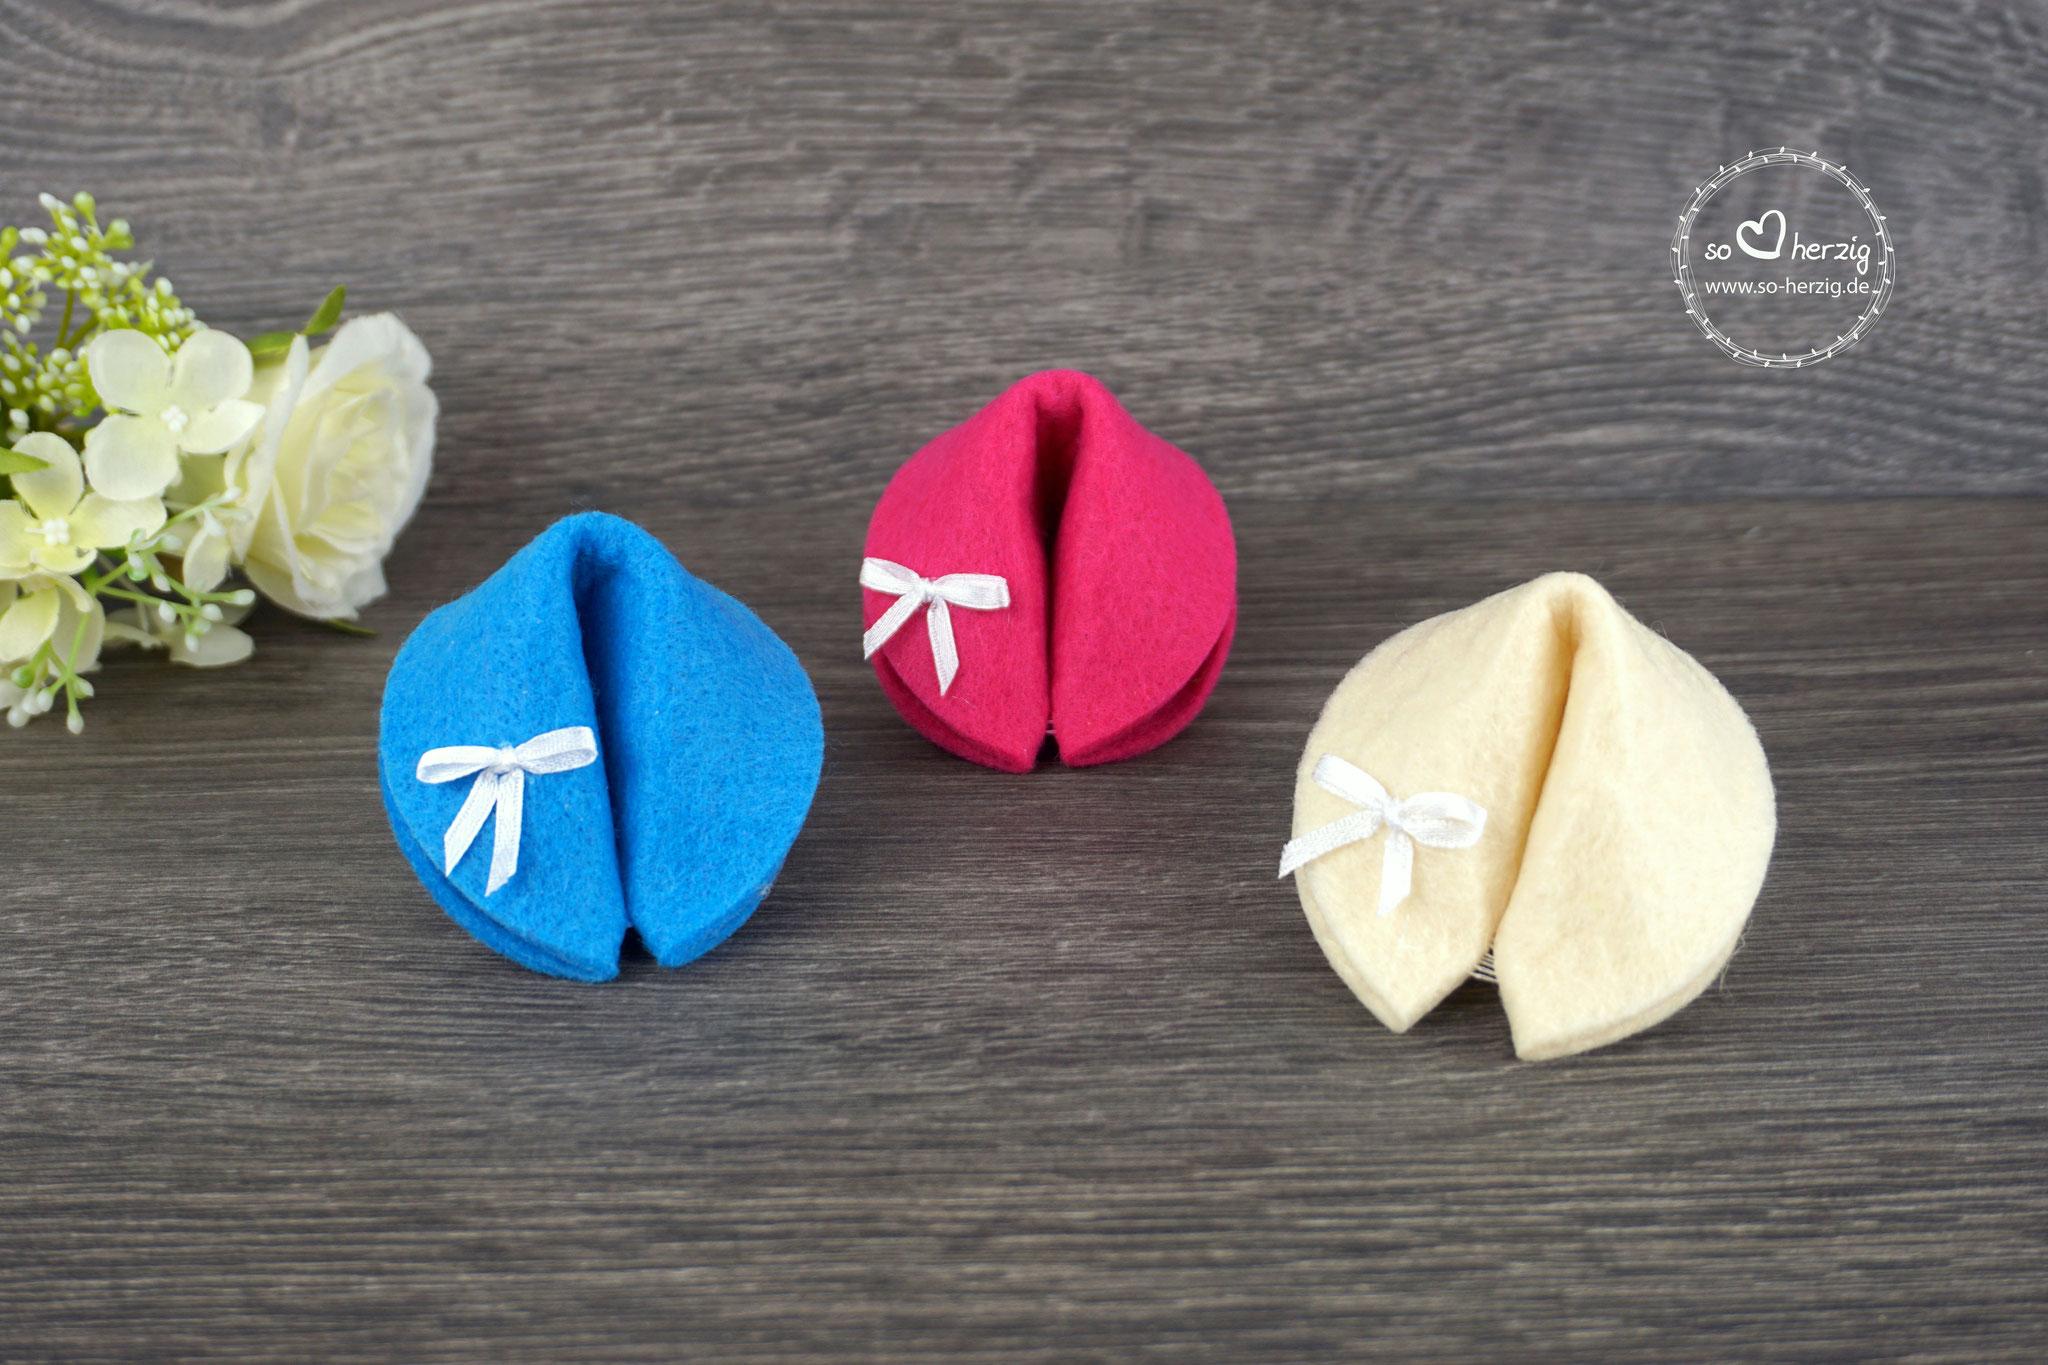 Filzkekse klein Beige, Cyclam, Blau